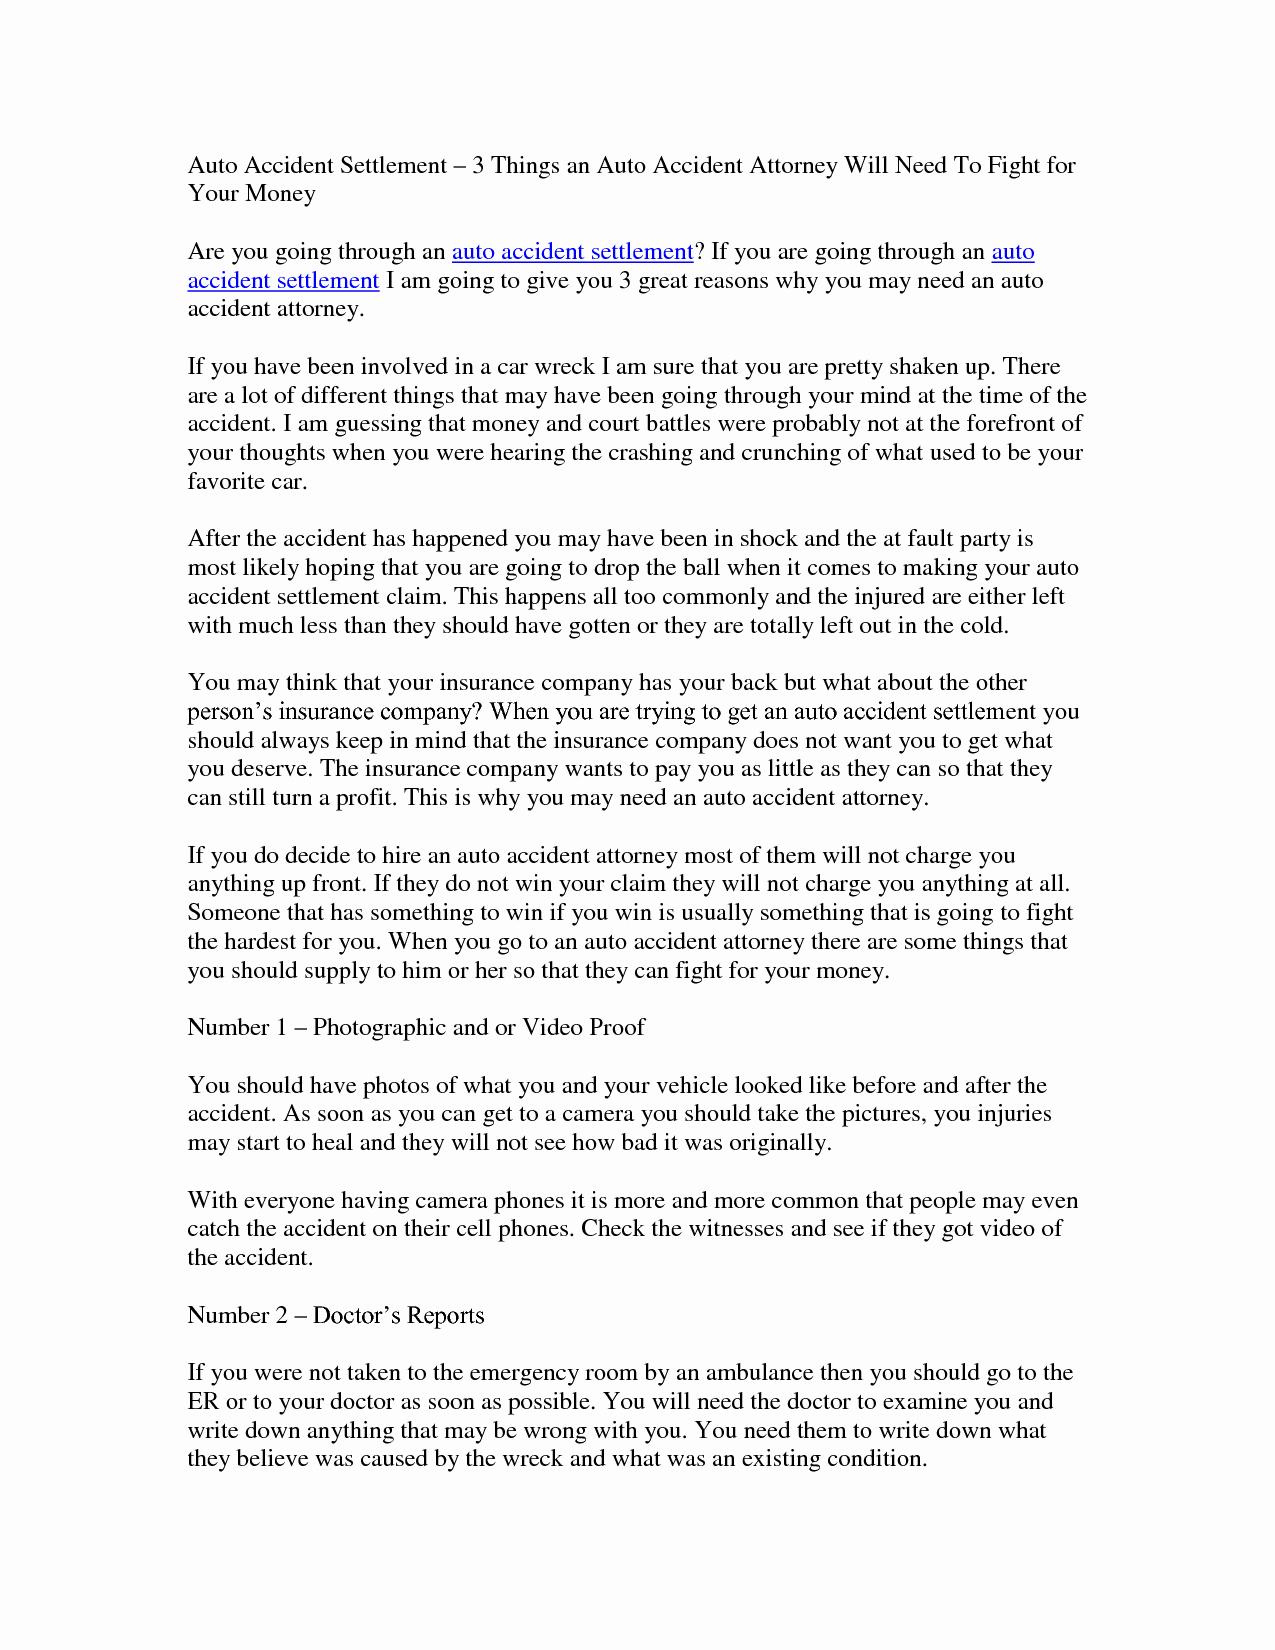 Car Accident Settlement Agreement Letter Fresh Best S Of Car Accident Demand Letter Sample Sample